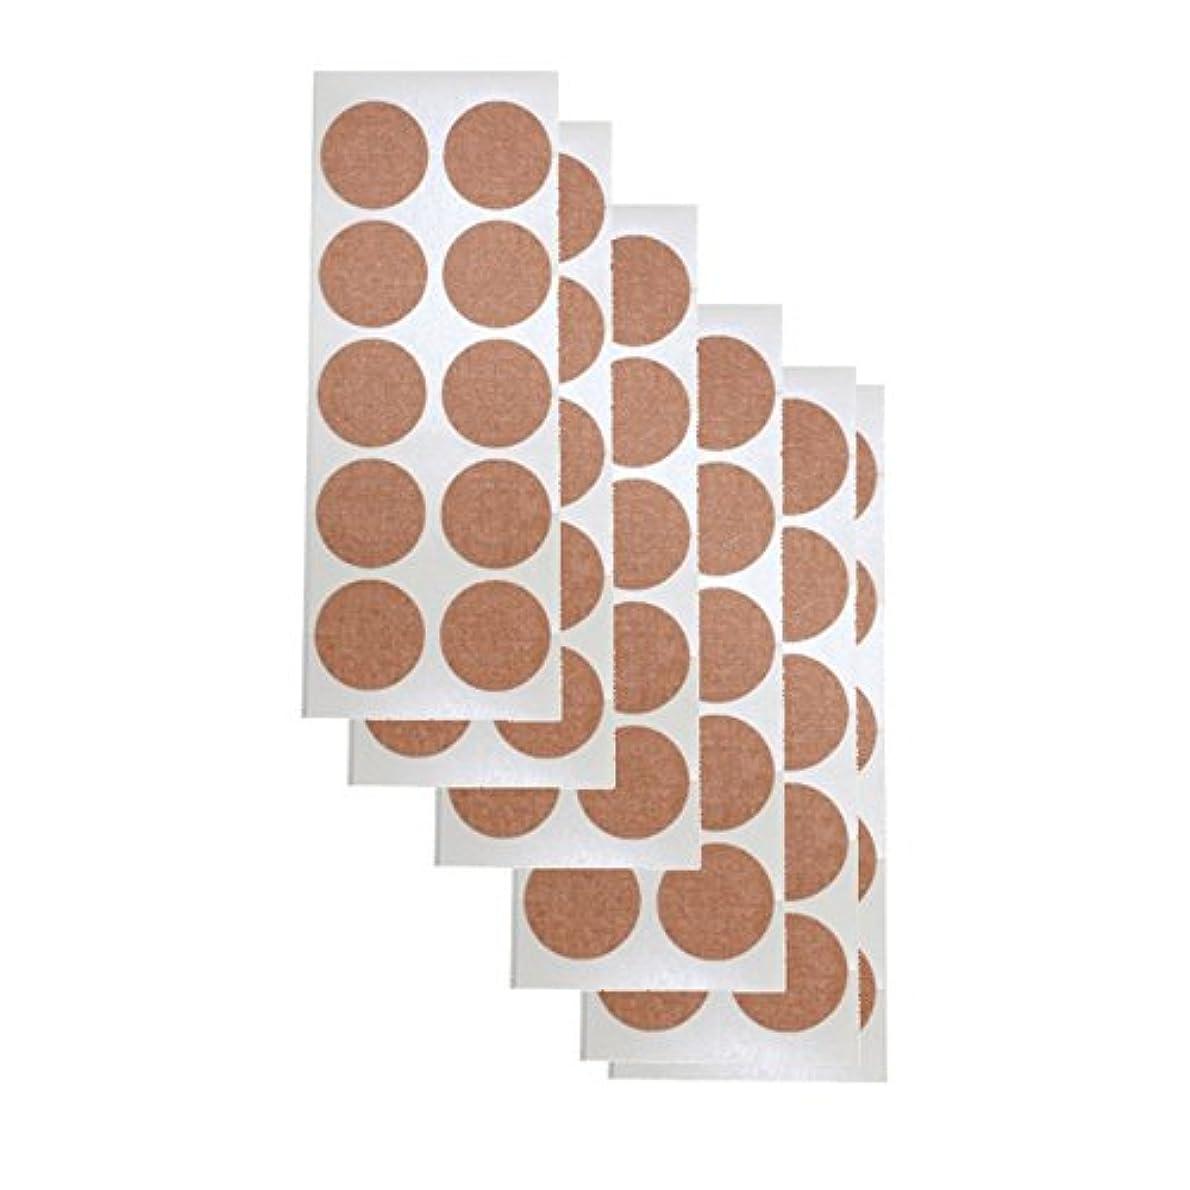 シニスあいさつうんTQチップ 貼り替え用専用シール 効果は半永久的!貼っただけで心身のバランスがとれるTQチップ専用